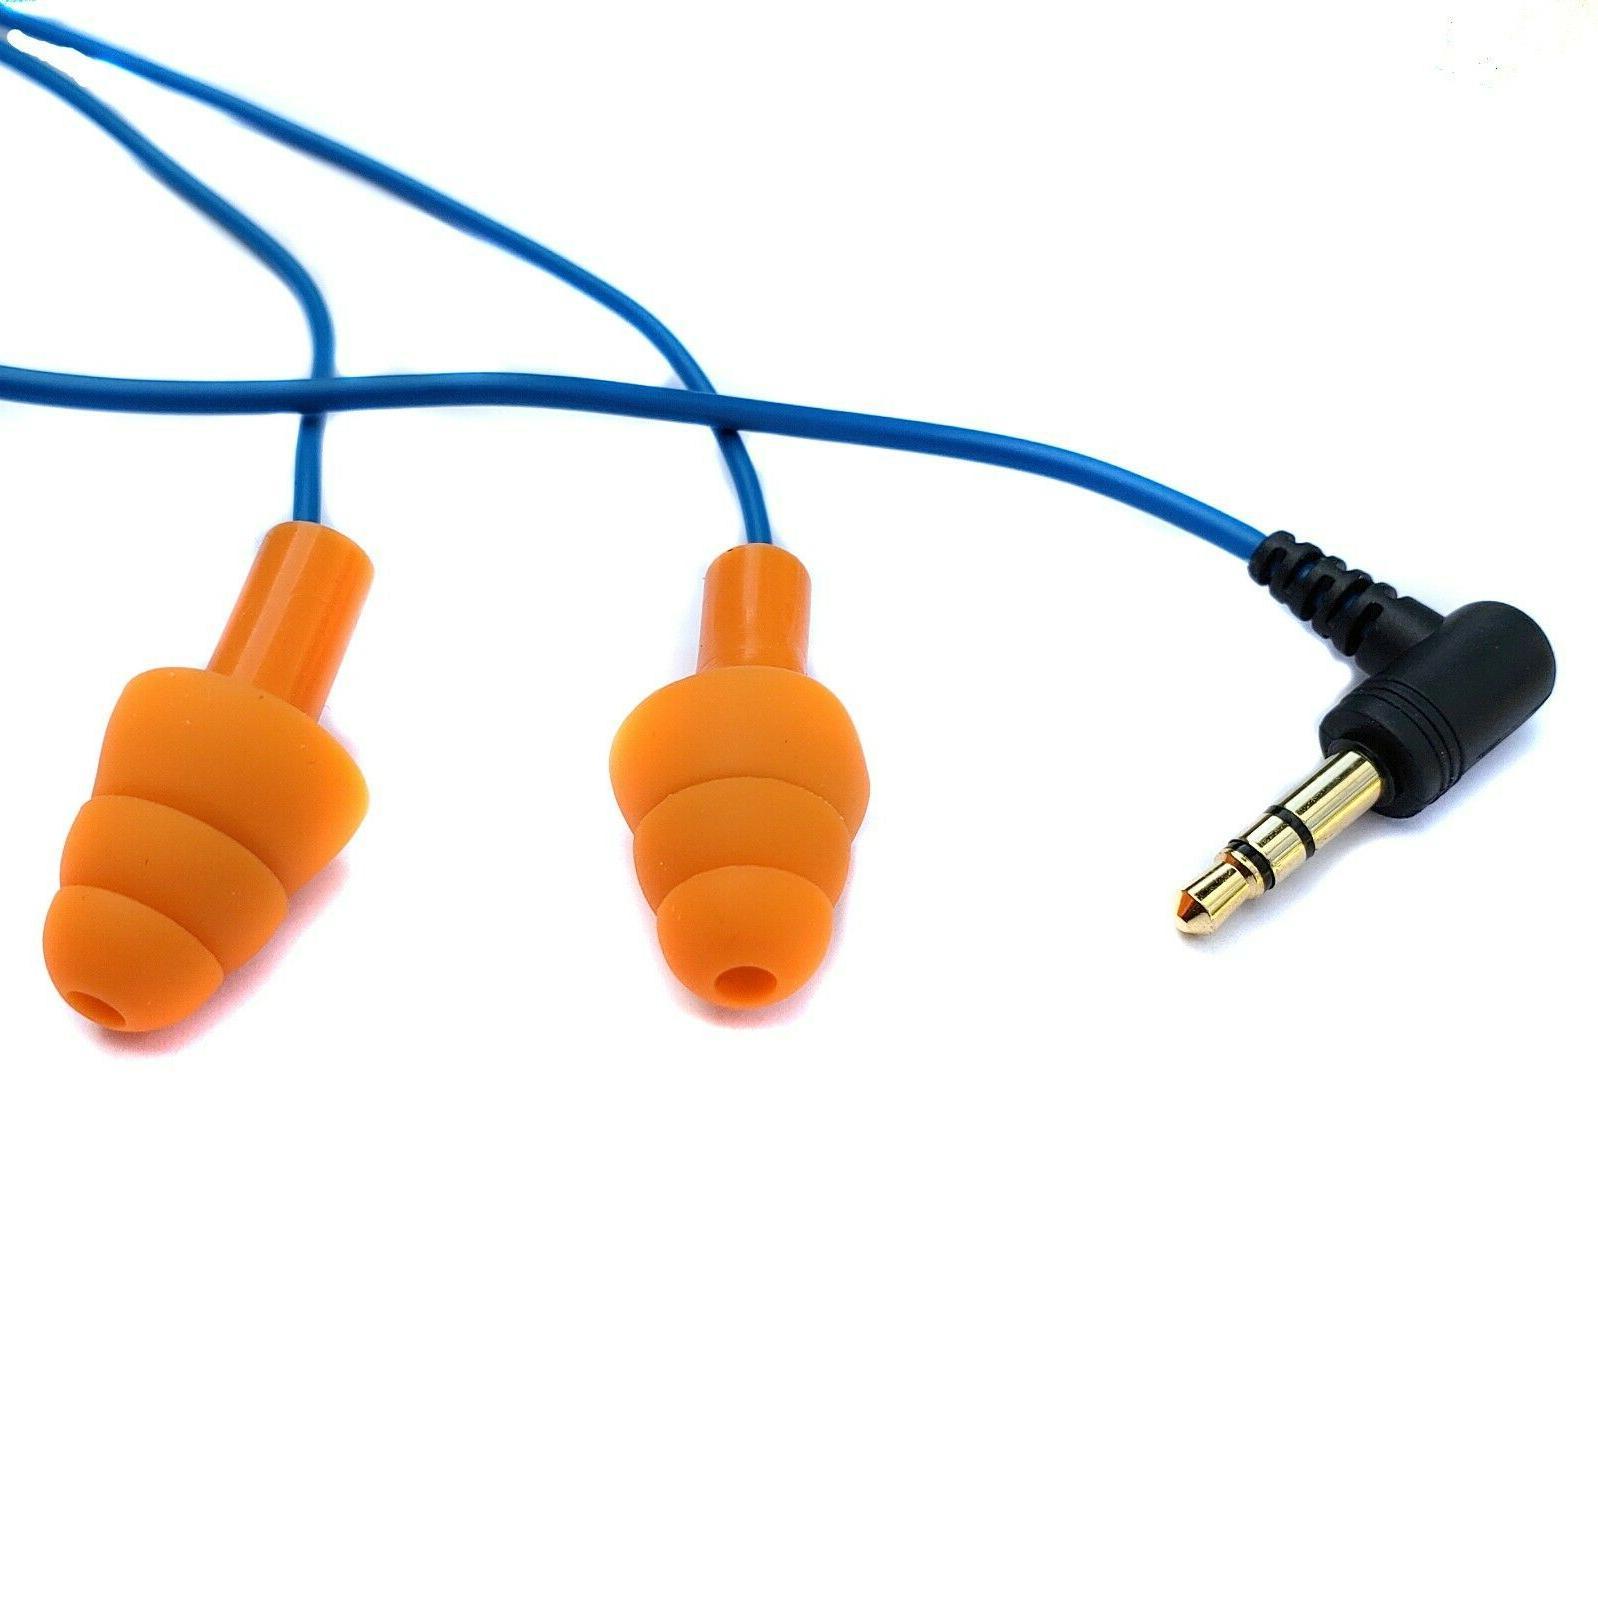 Workinbuds Wired Earphones Noise Isolating Guaranteed